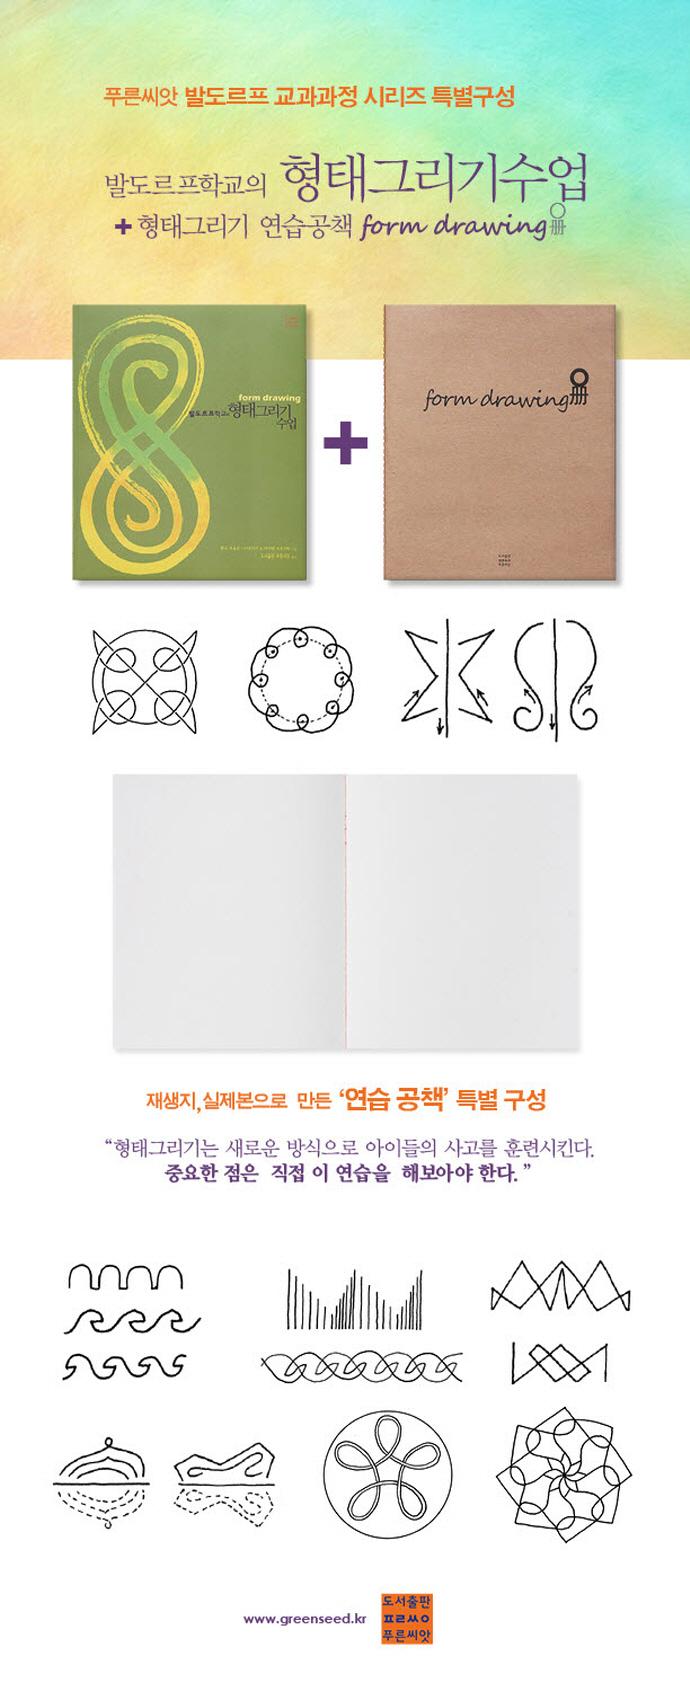 형태그리기 수업(형태그리기 연습 공책 포함)(발도르프학교의) 도서 상세이미지